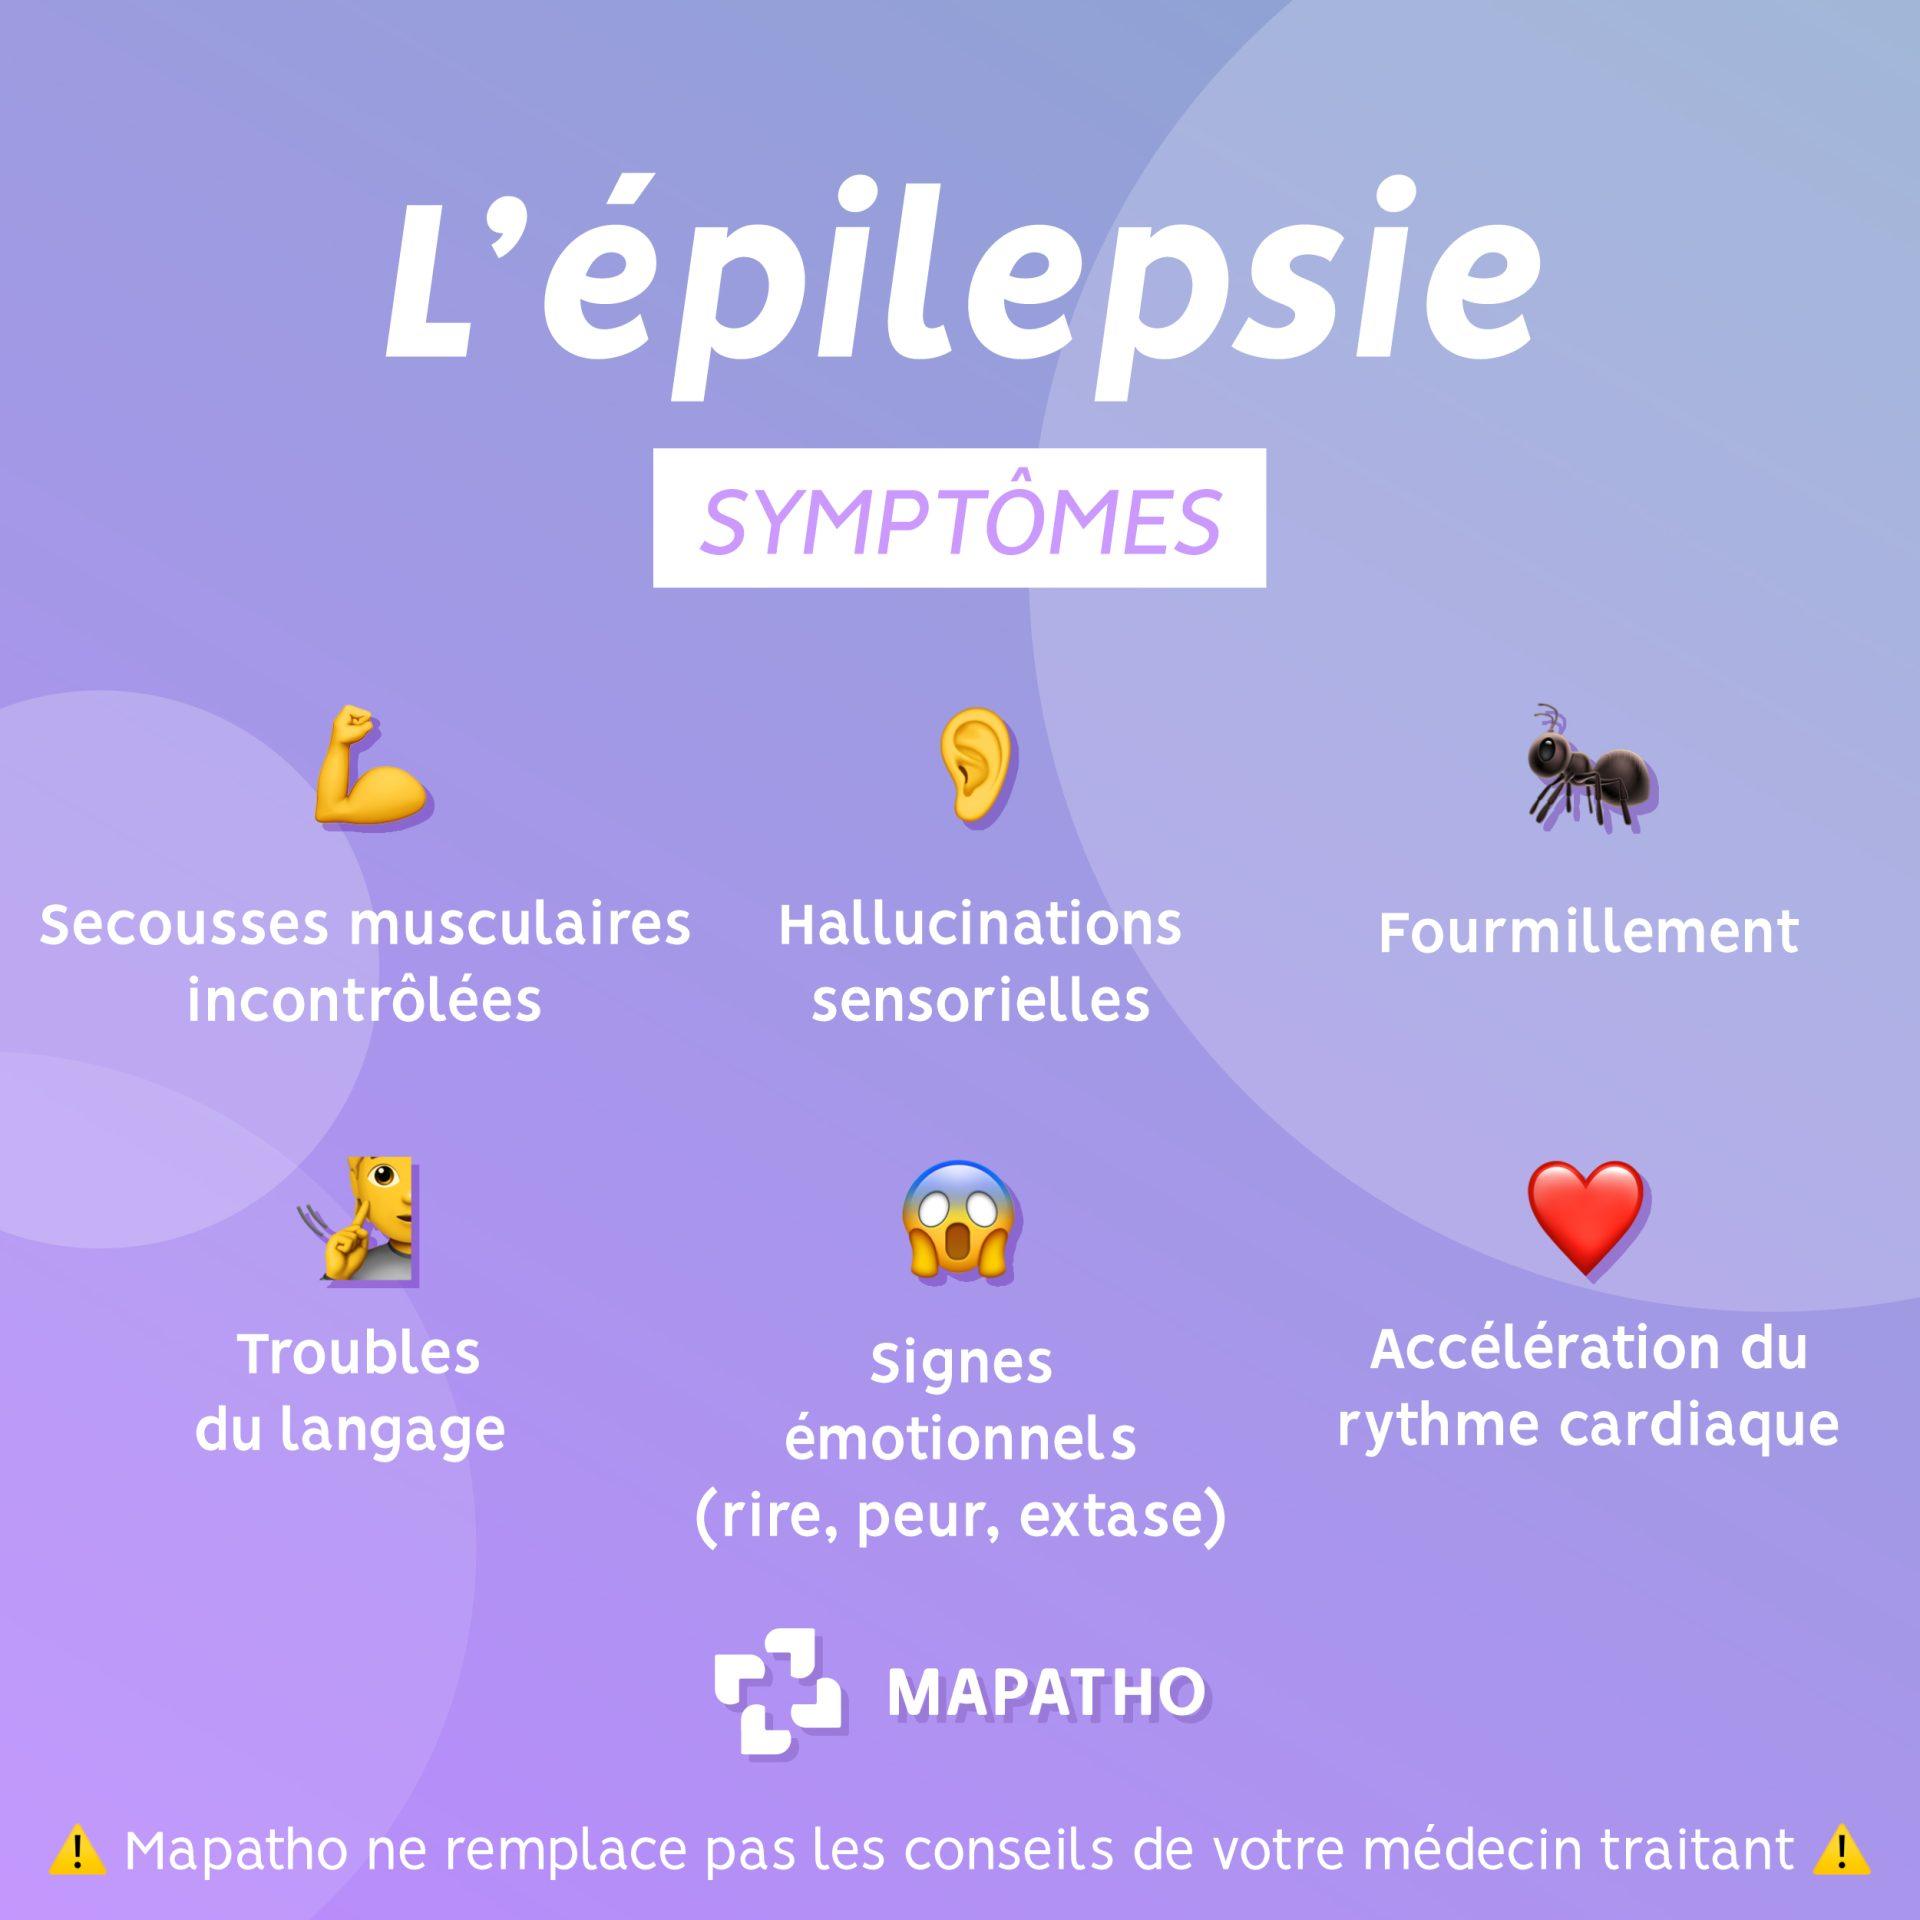 Les symptomes de l'épilepsie